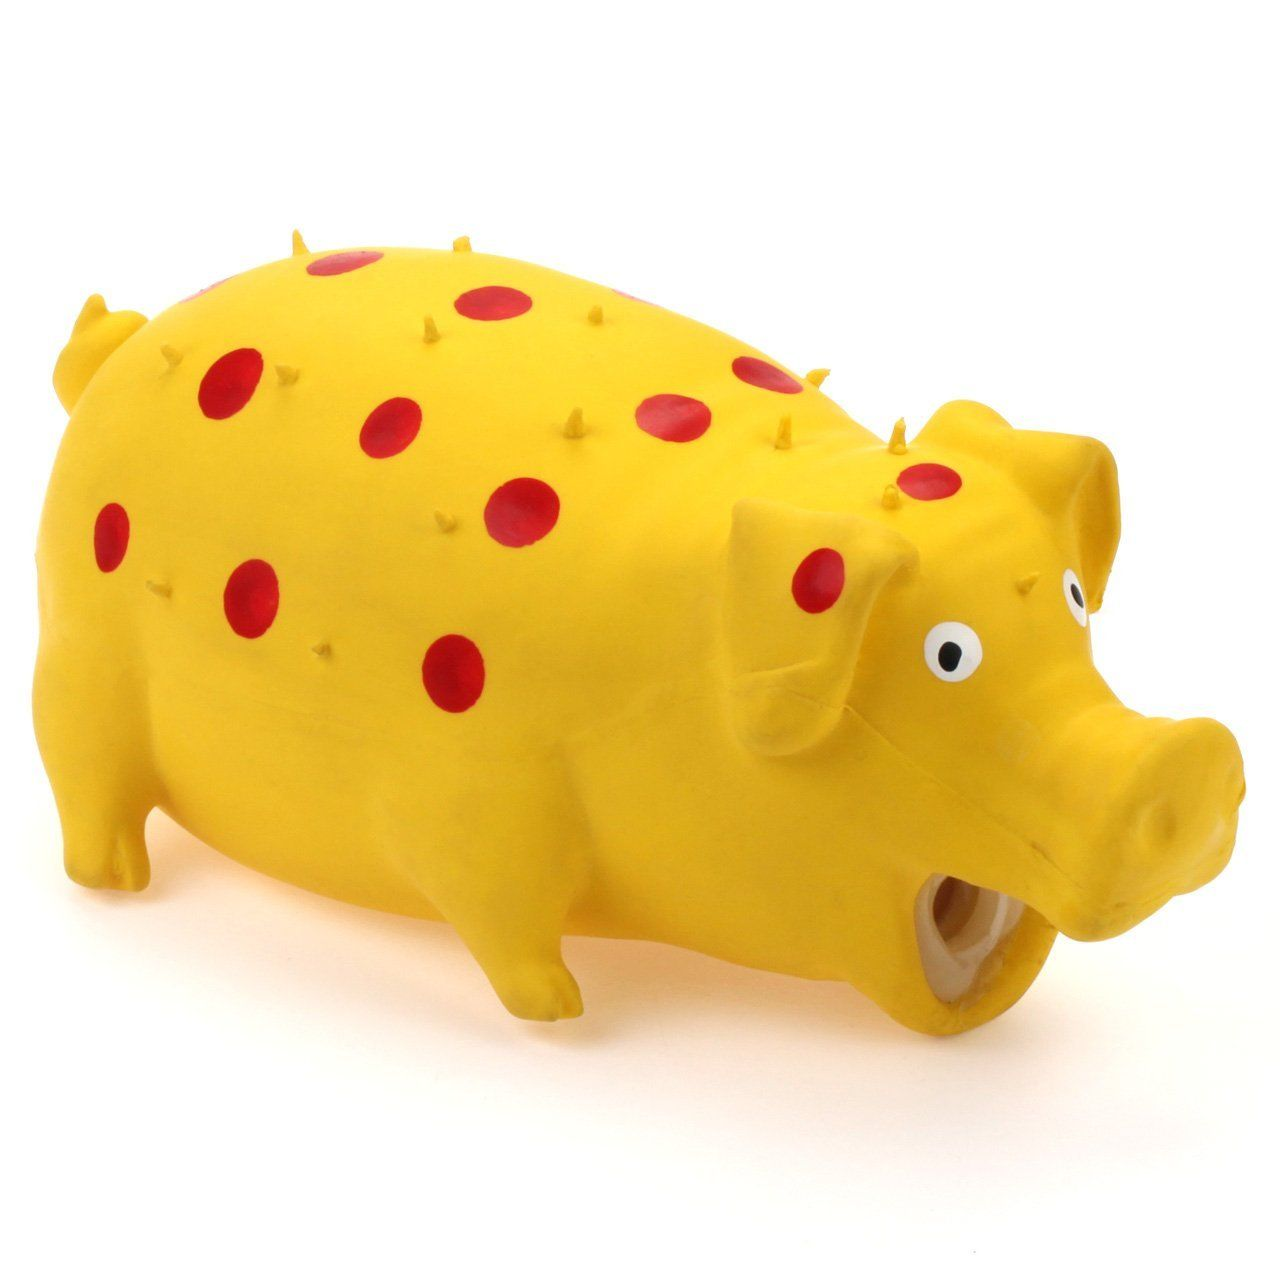 Kong Pudge Braidz Pig Dog Toy Medium Large Read More Reviews Of